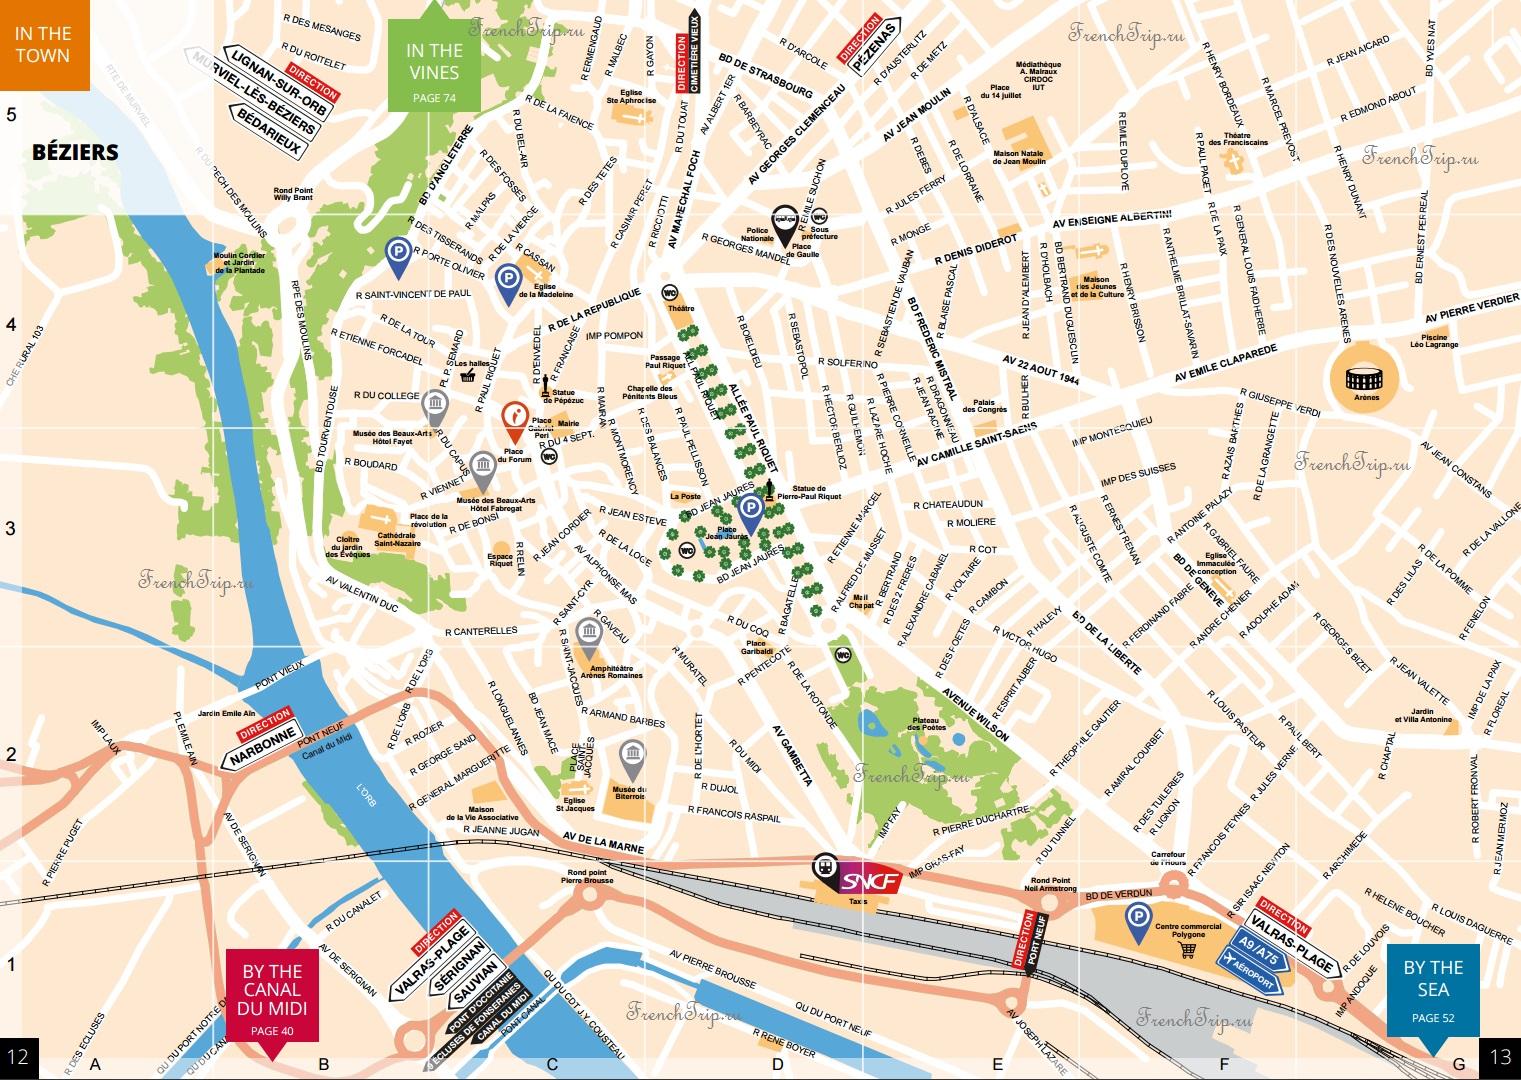 Туристическая карта Безье - достопримечательности Безье на карте города